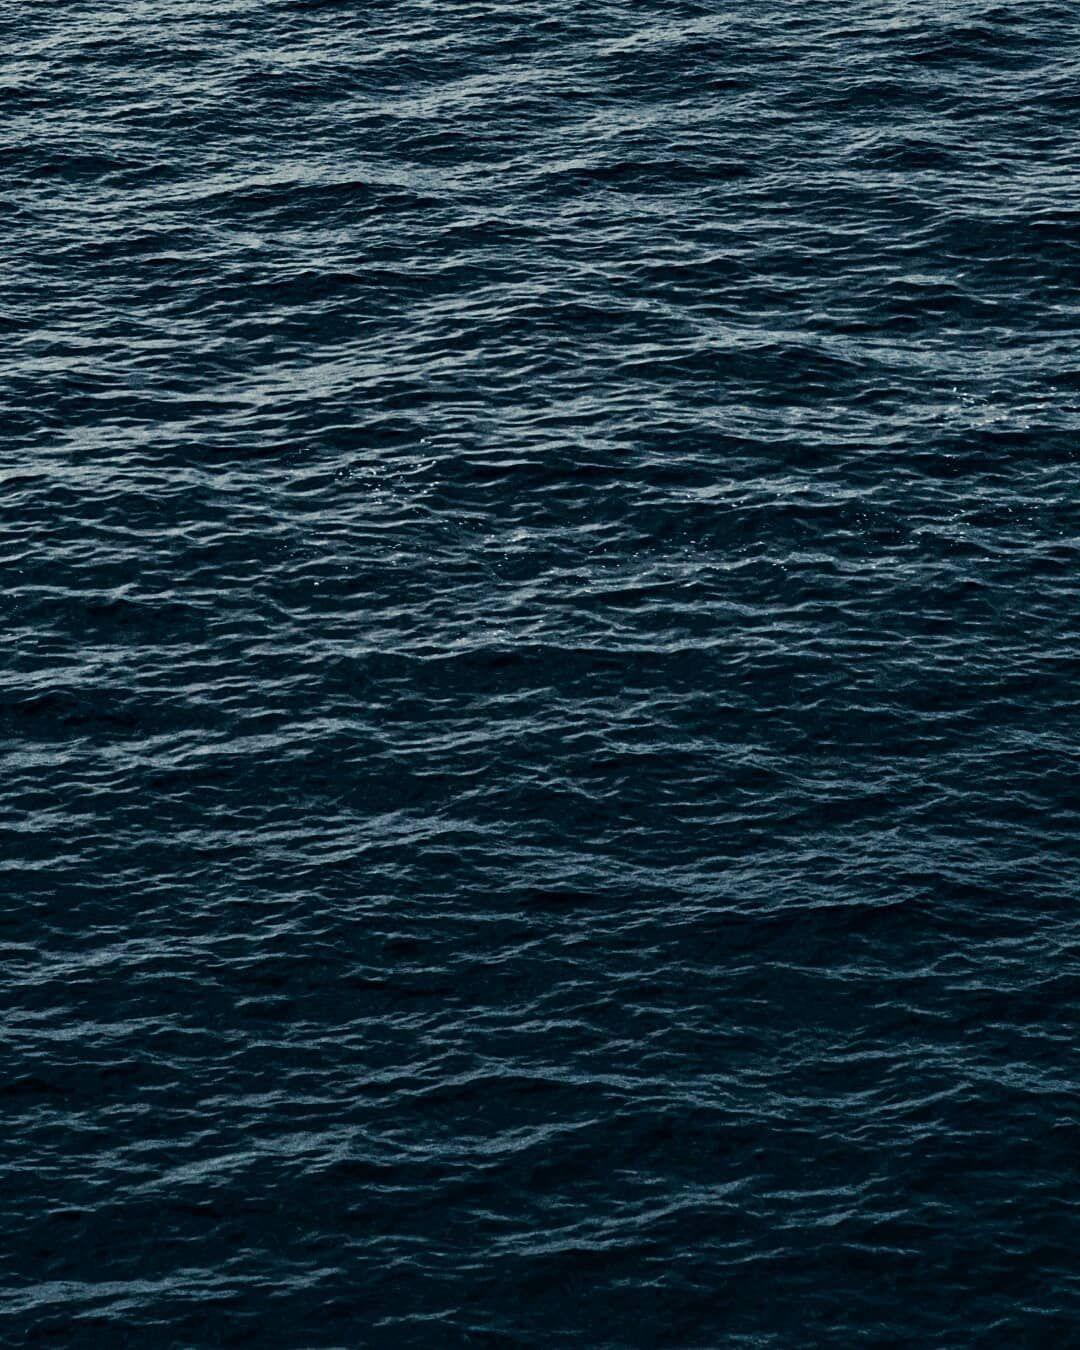 Pin On Sea Wallpaper waves ripples close up wavy